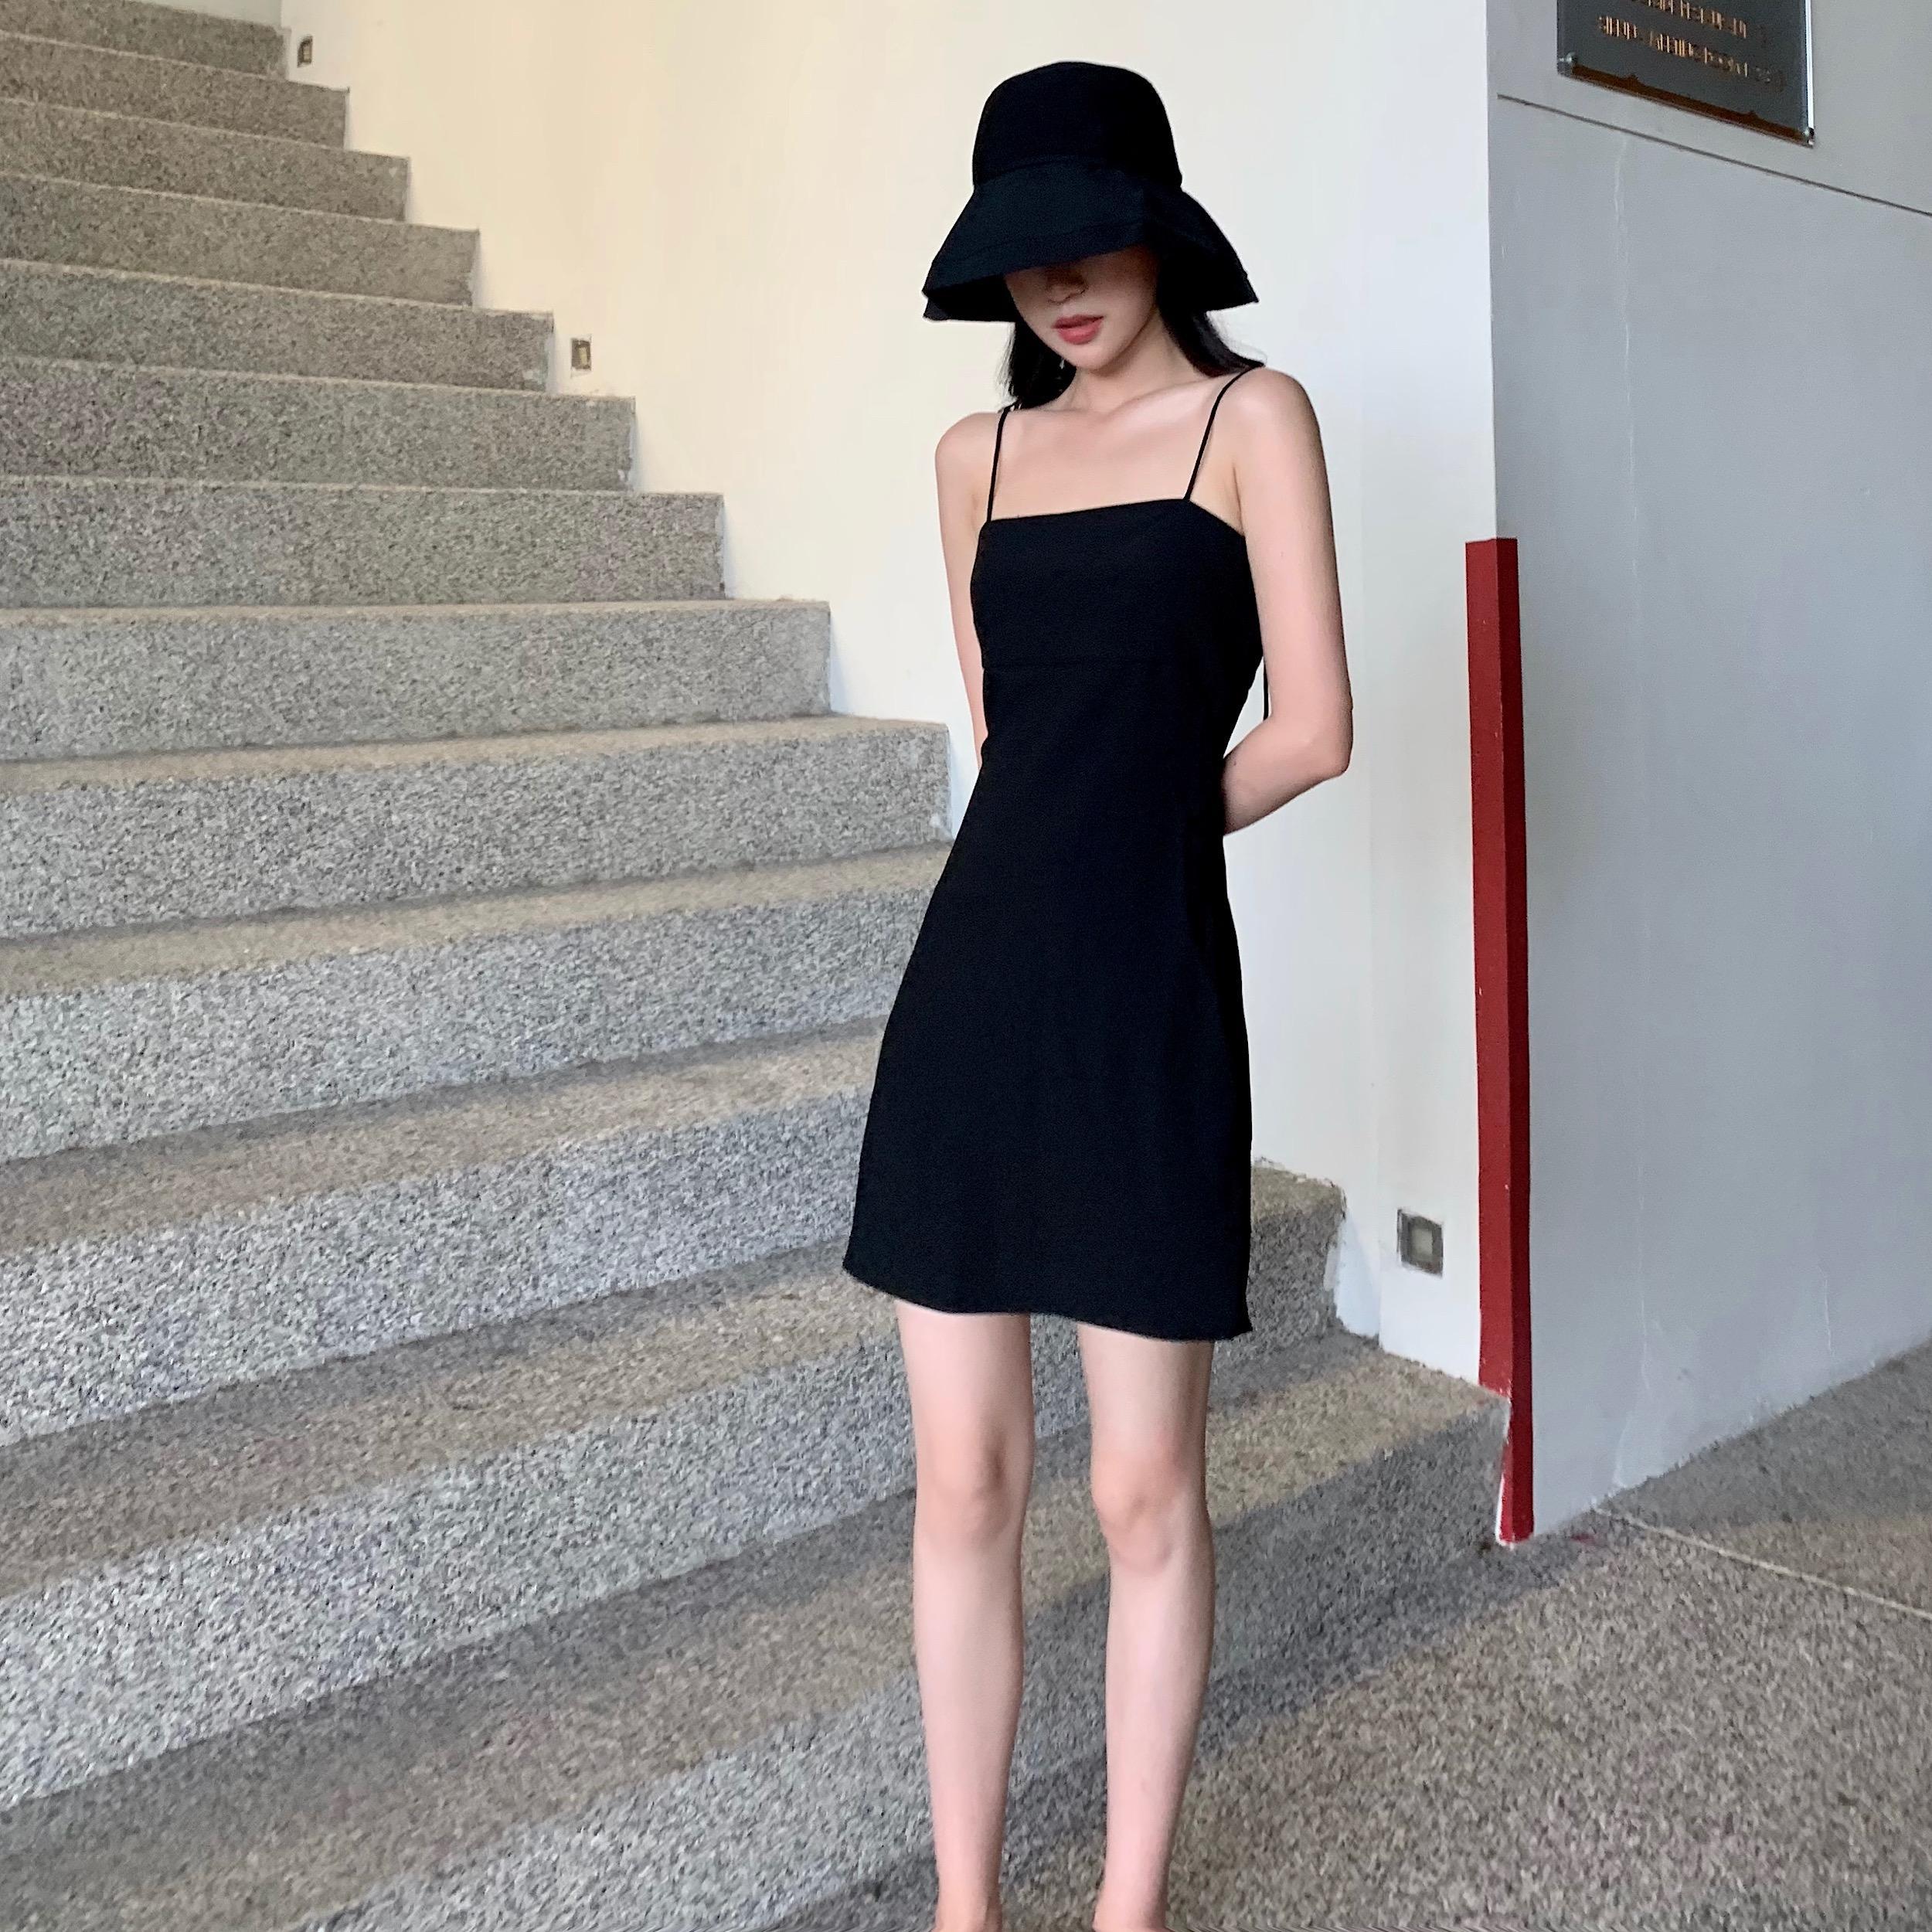 黑色吊带裙短款裙子女2019新款复古显瘦心机小黑裙赫...¥148